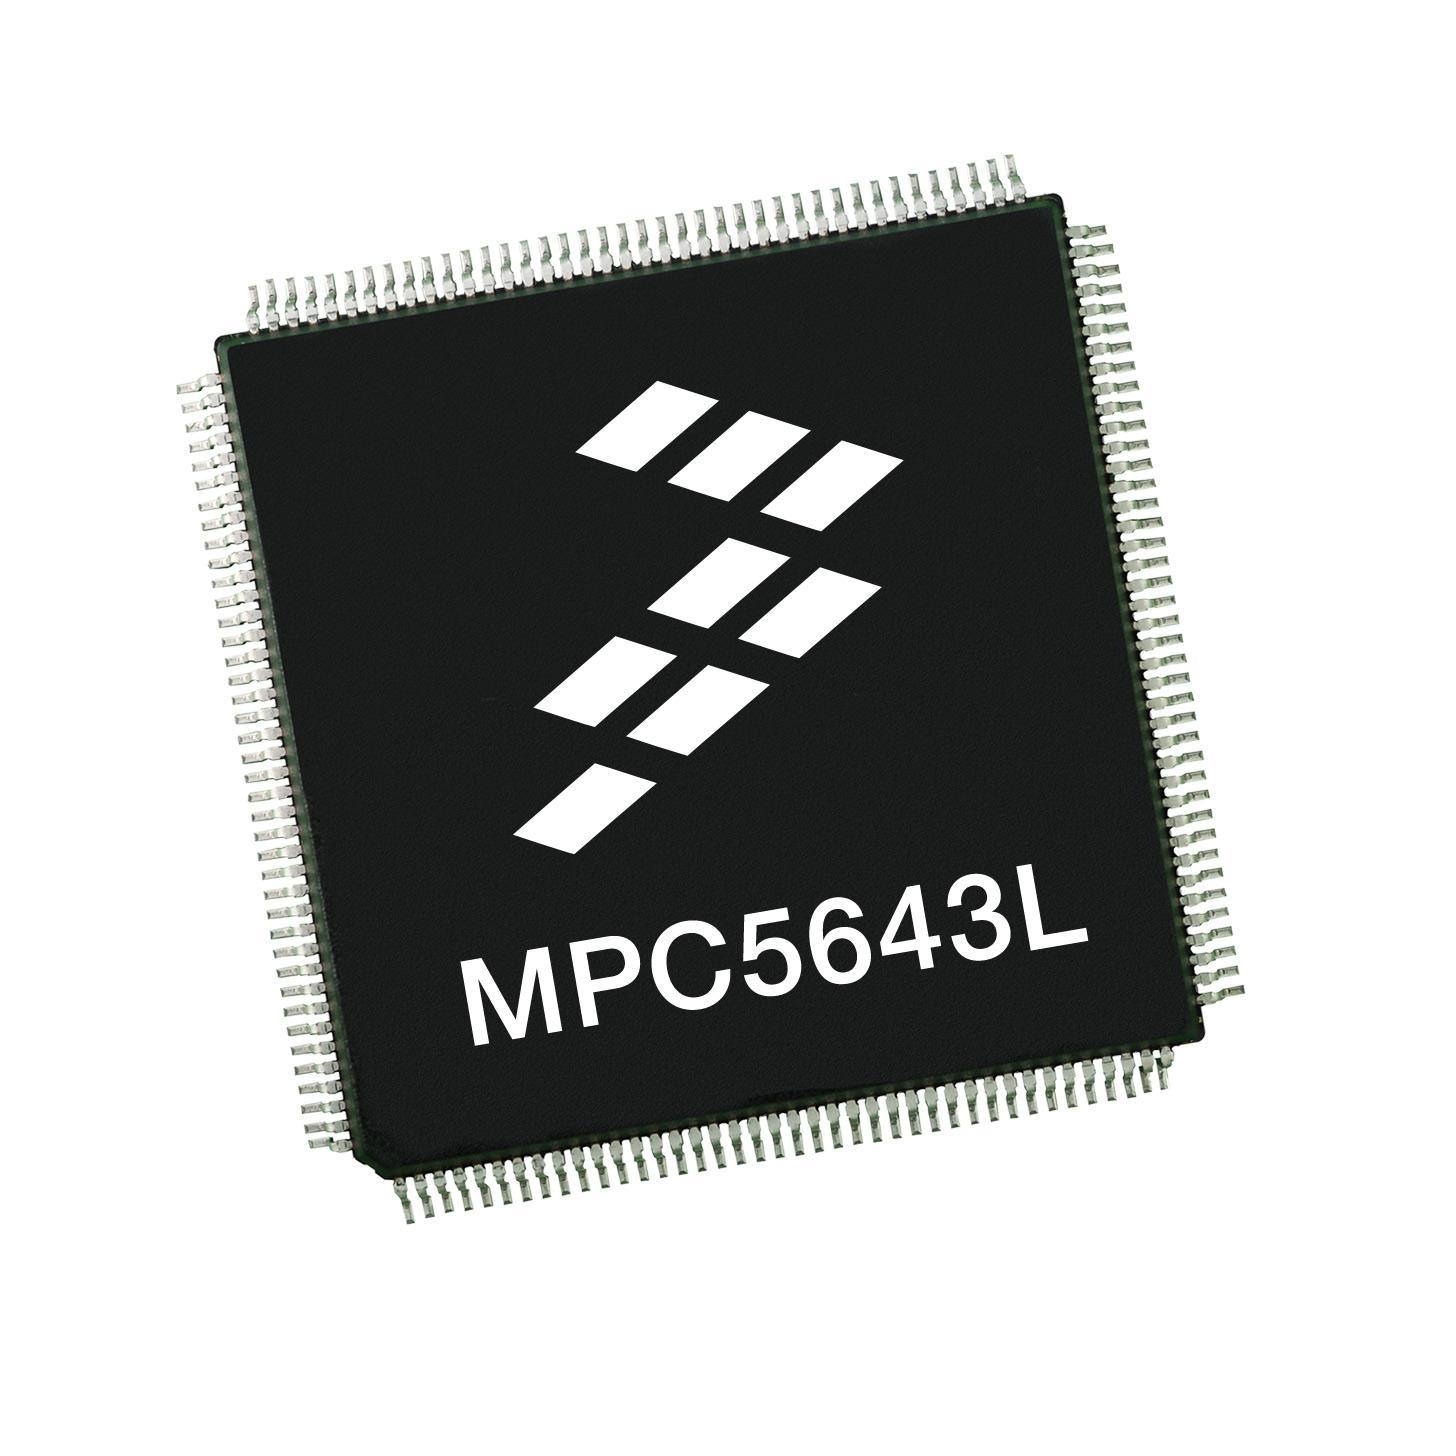 MPC5643L